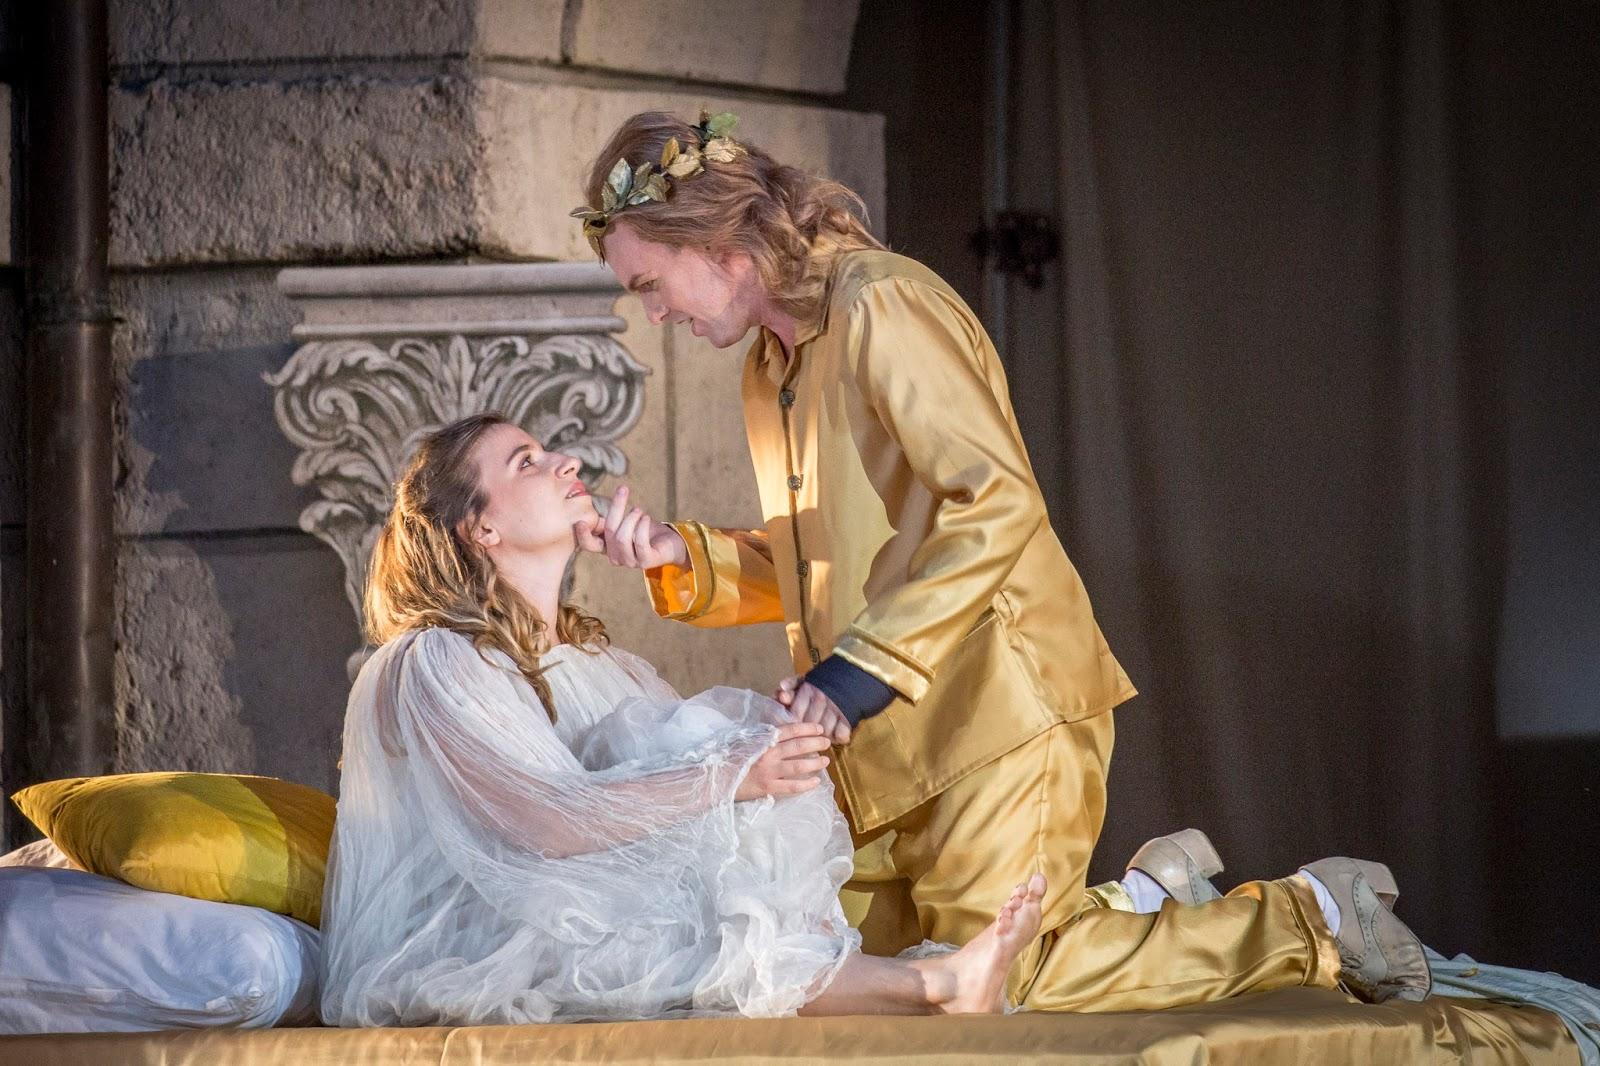 Les jeunes baroqueux d'Innsbruck ressuscitent l'Octavia de Reinhard Keiser. Photo: Rupert Larl